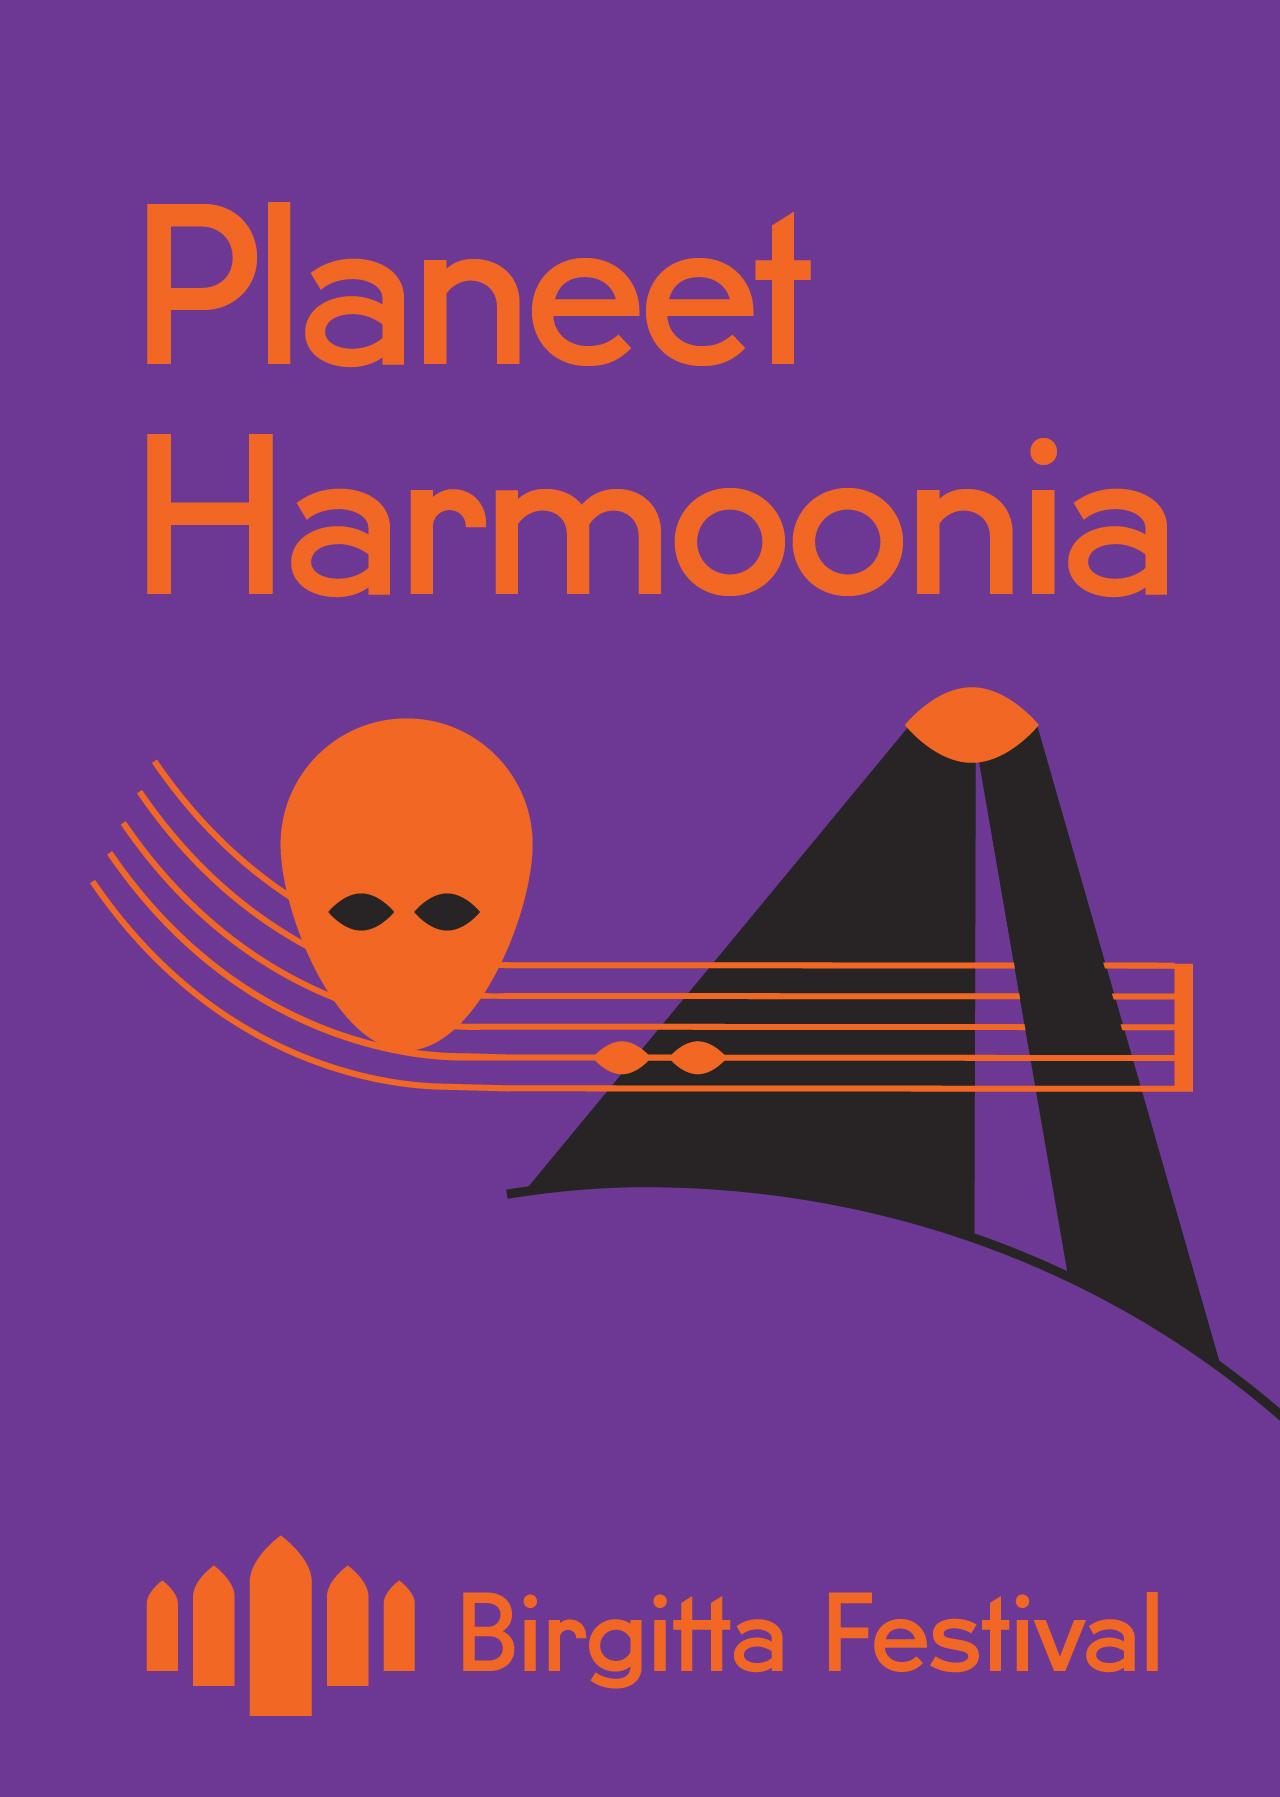 PLANEET HARMOONIA